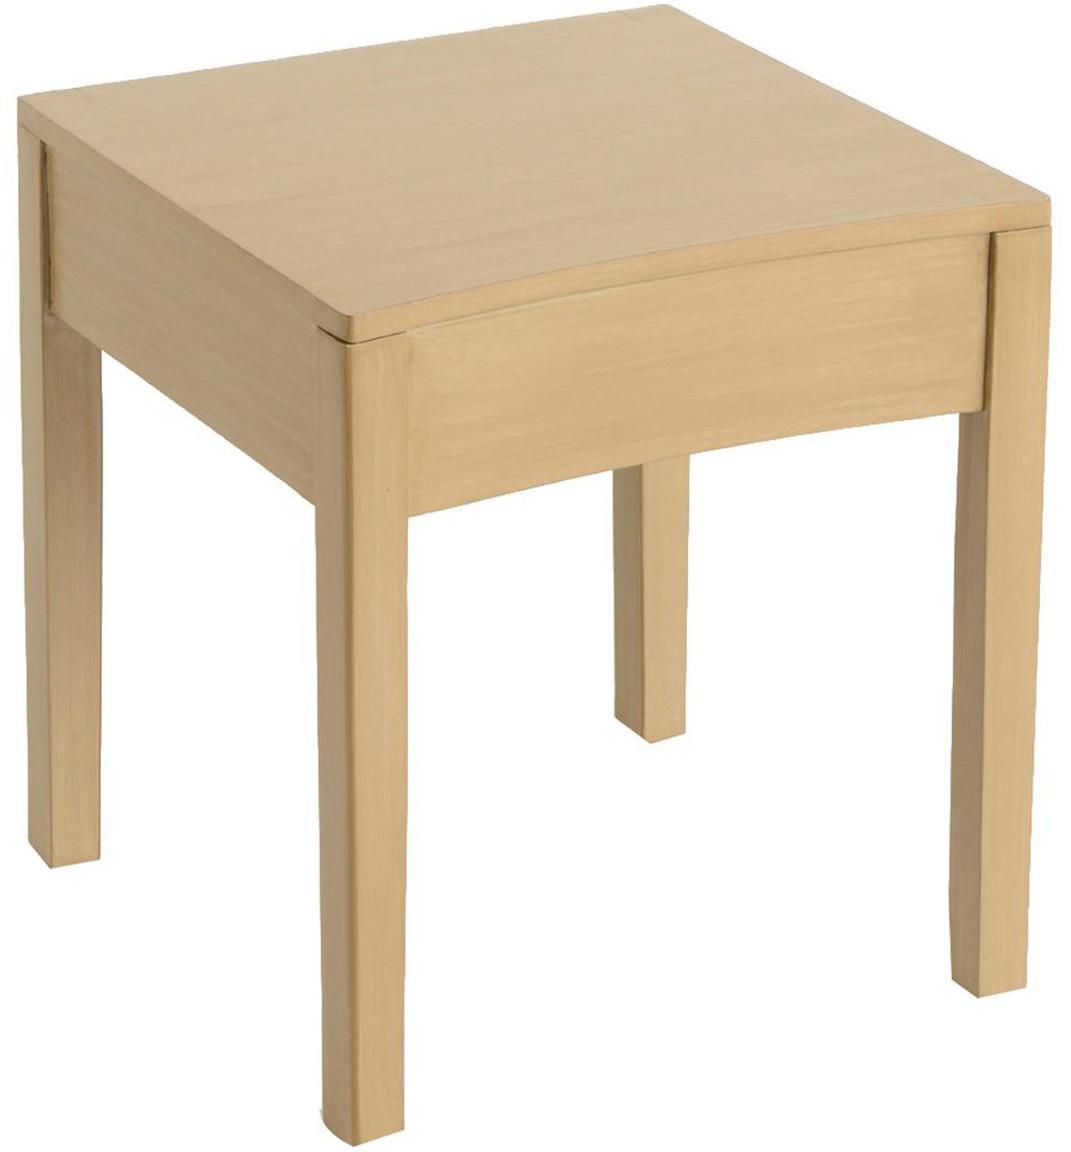 Mesa auxiliar Tonkin, Patas: madera de bayur, Tablero: madera con chapa de roble, Beige, An 40 x F 40 cm